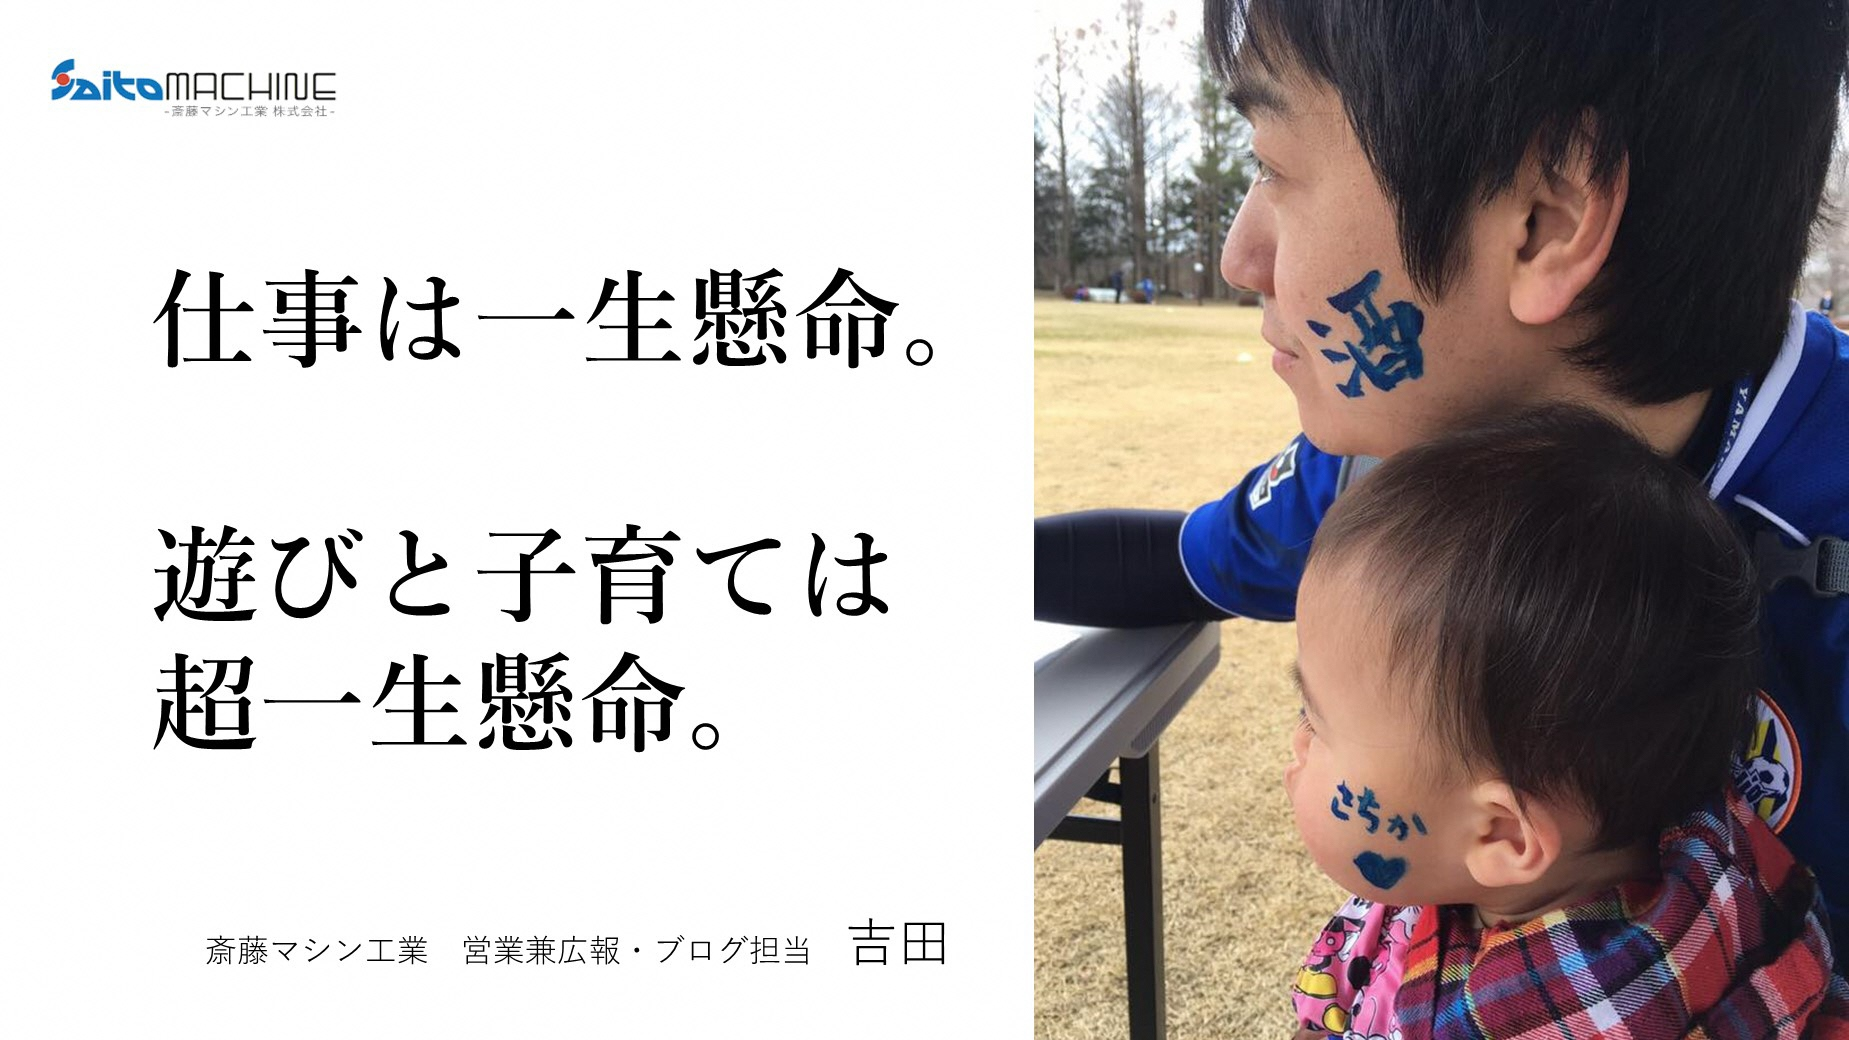 斎藤マシン工業株式会社